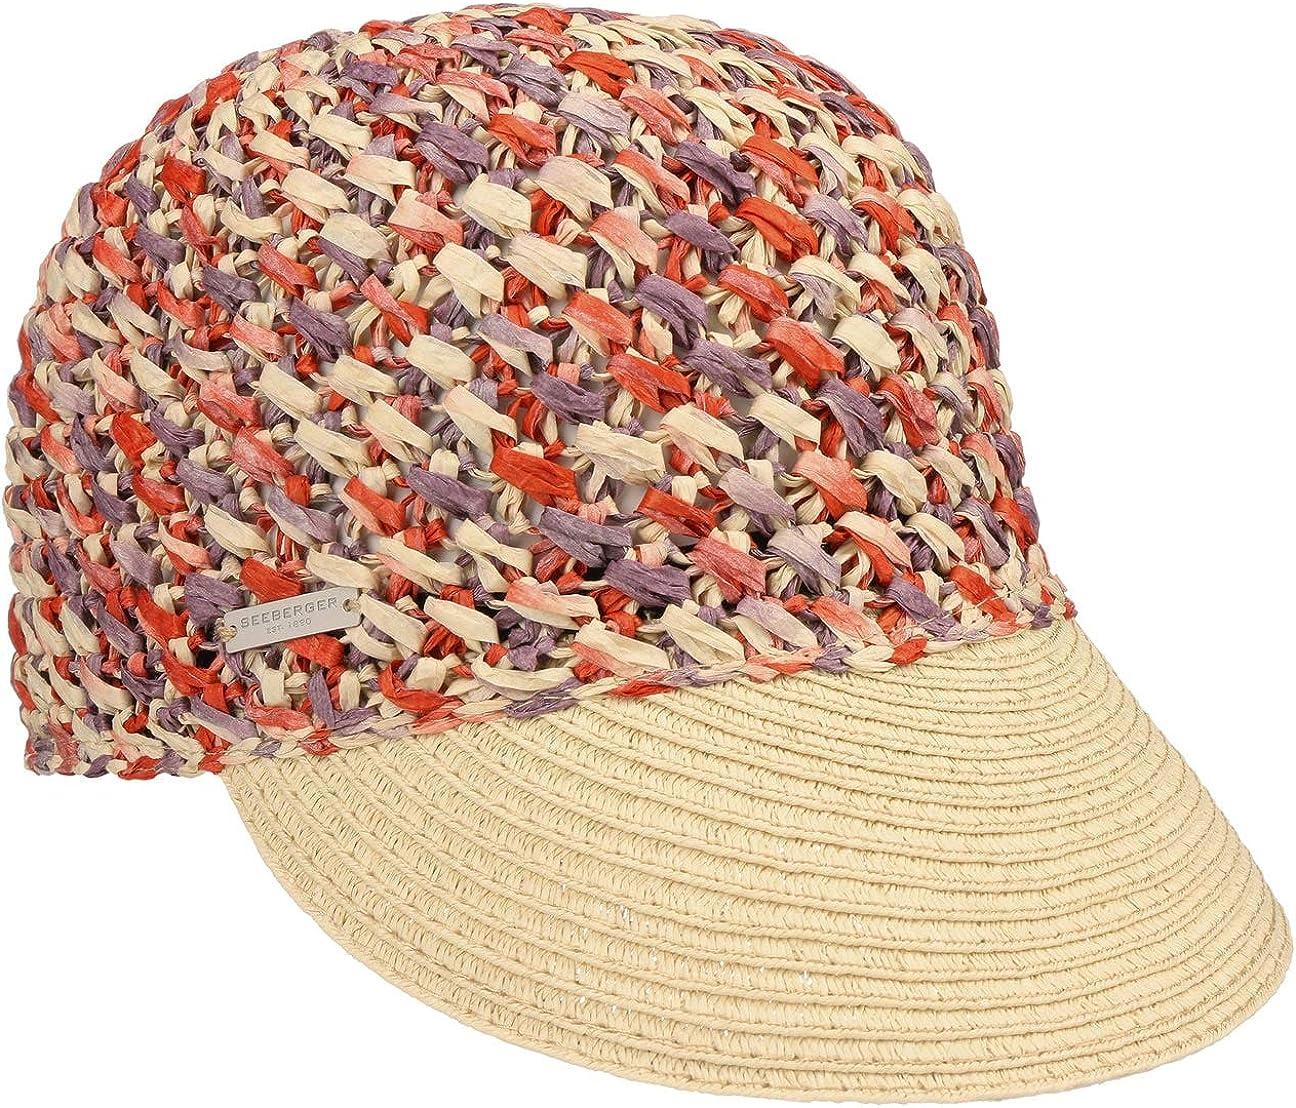 054002-00000 modischer Damen Hut ideal f/ür den Sommer aus Papierstroh